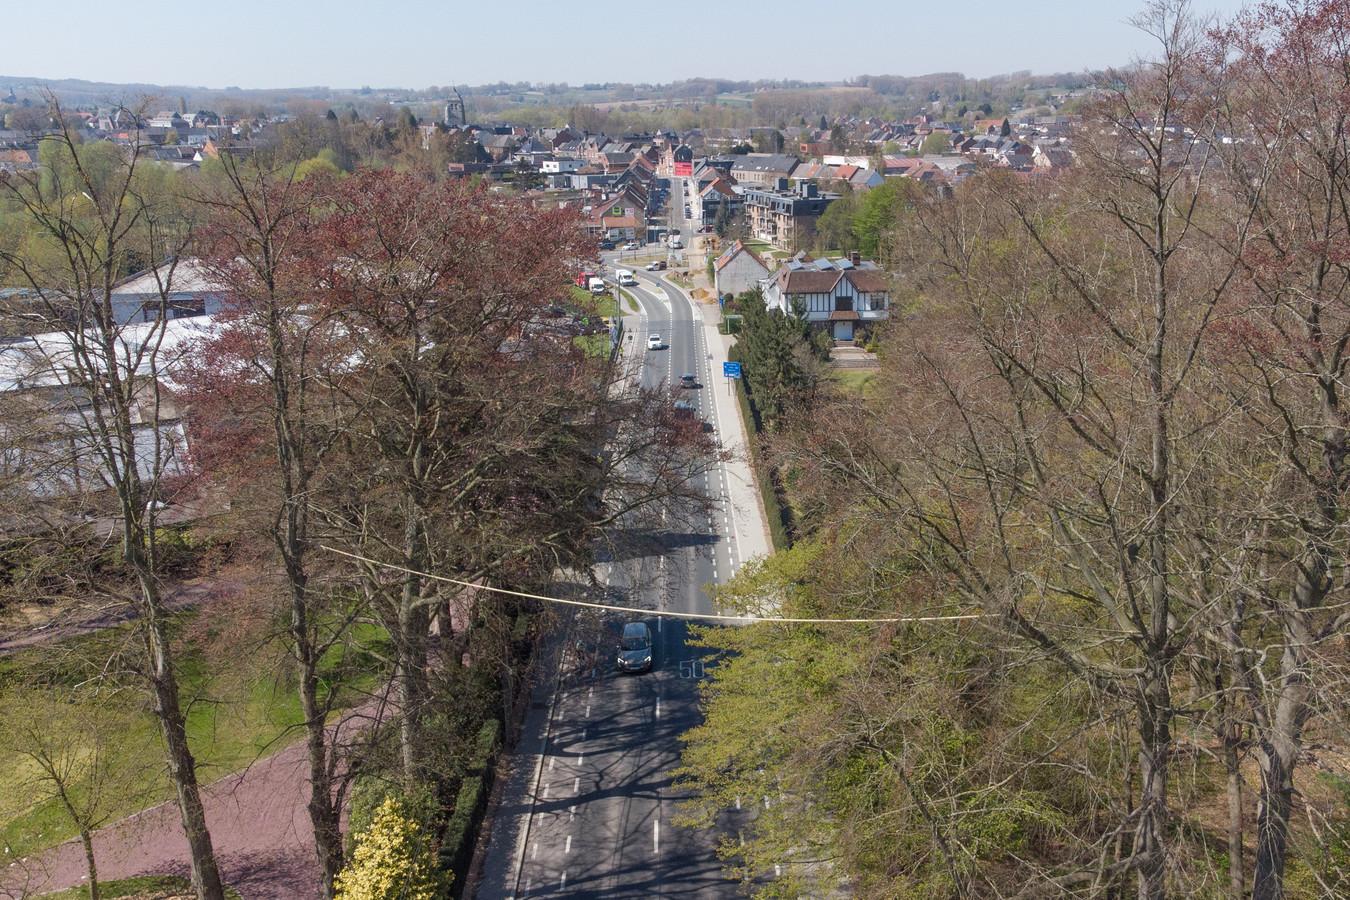 De eerste eekhoornbrug in de Vlaamse Ardennen werd opgehangen tussen twee bomen aan beide kanten van de Brusselsestraat in Nederbrakel.